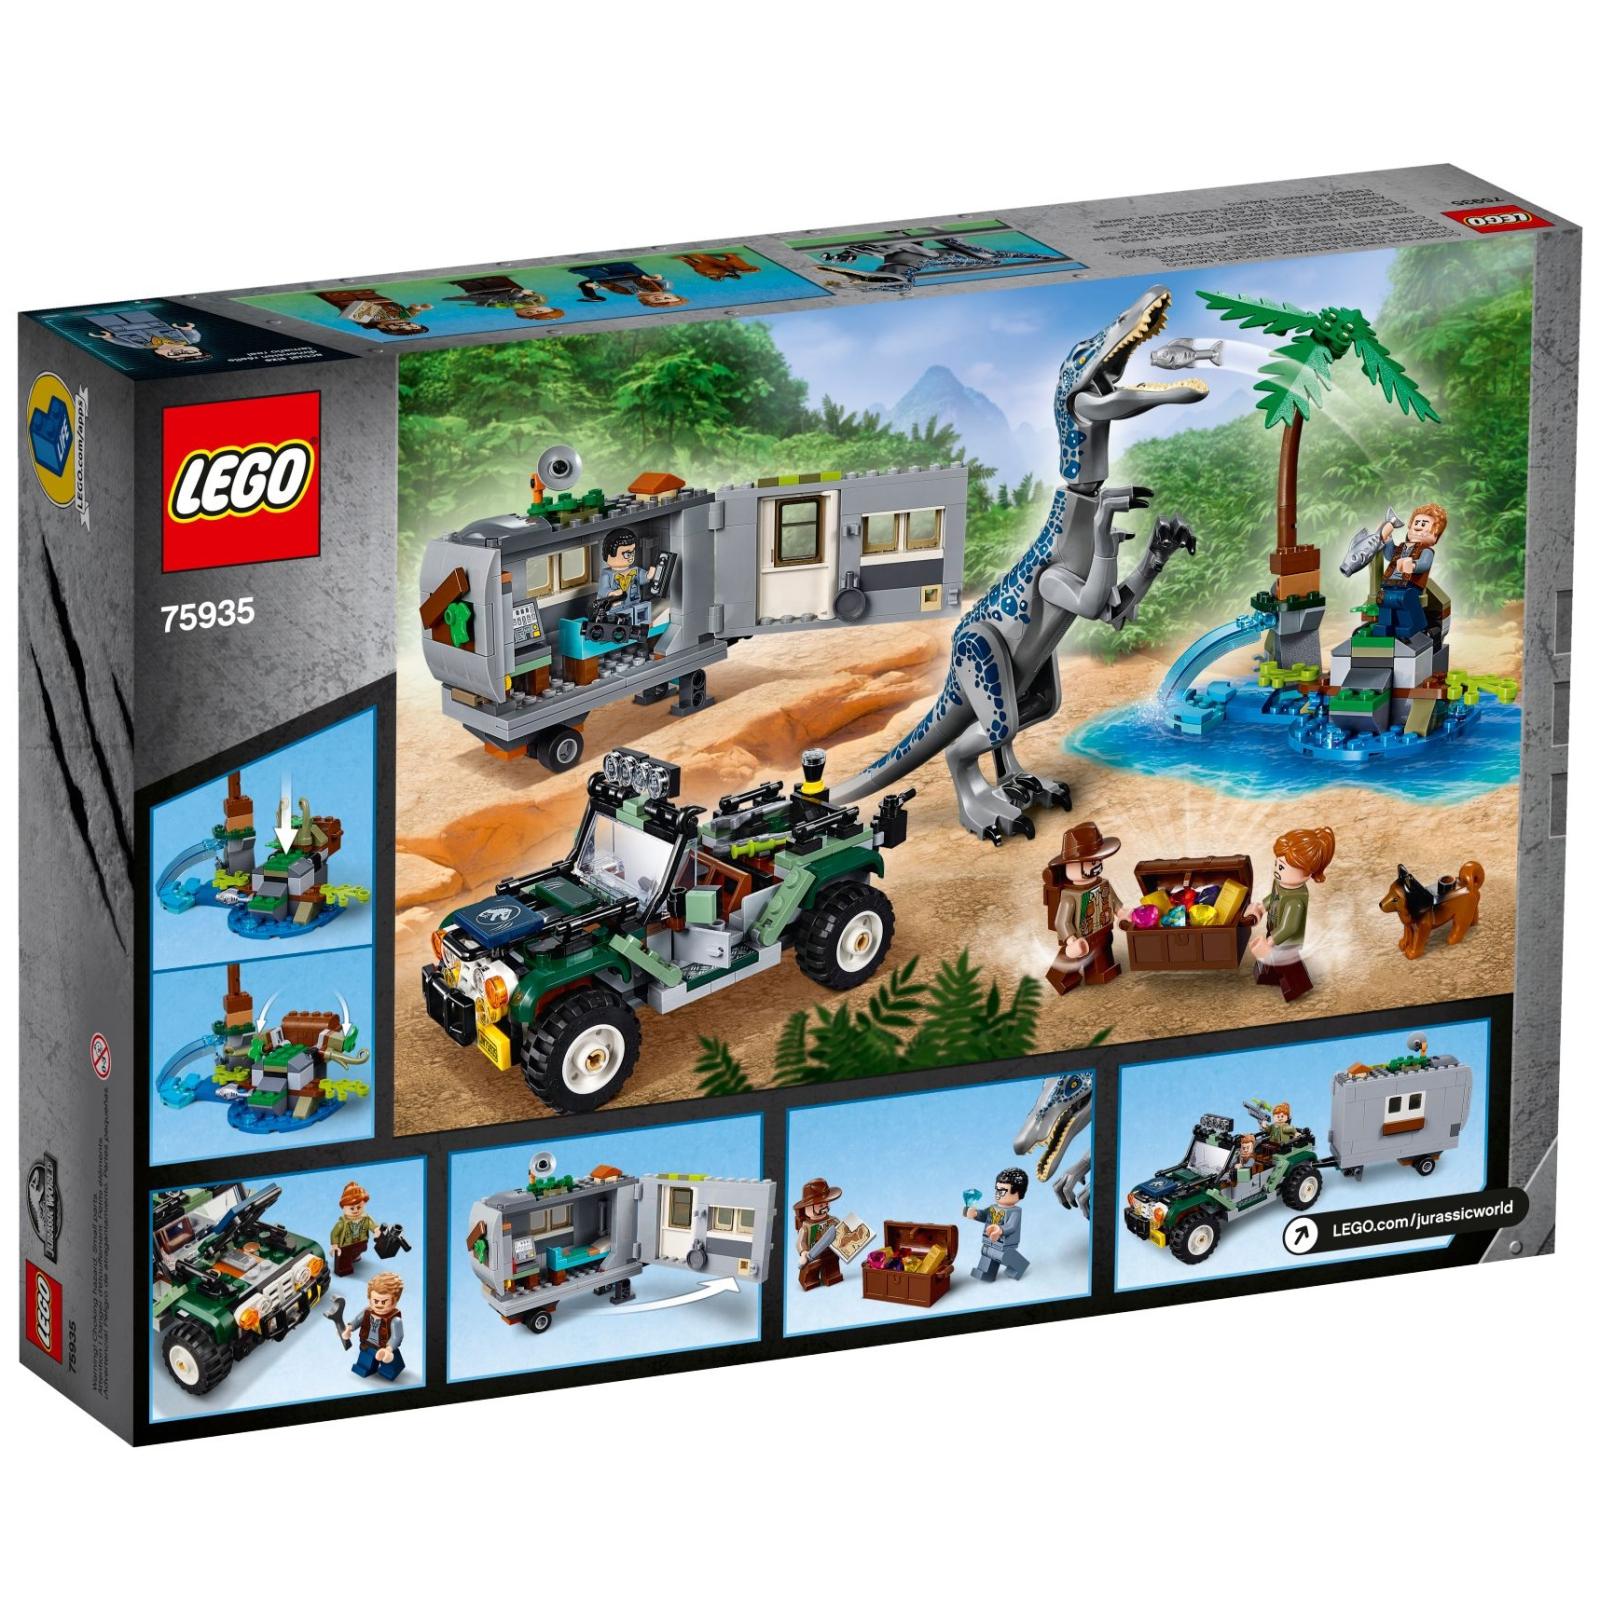 Конструктор LEGO Jurassic World Поединок с бариониксом: охота за сокровищами (75935) изображение 10